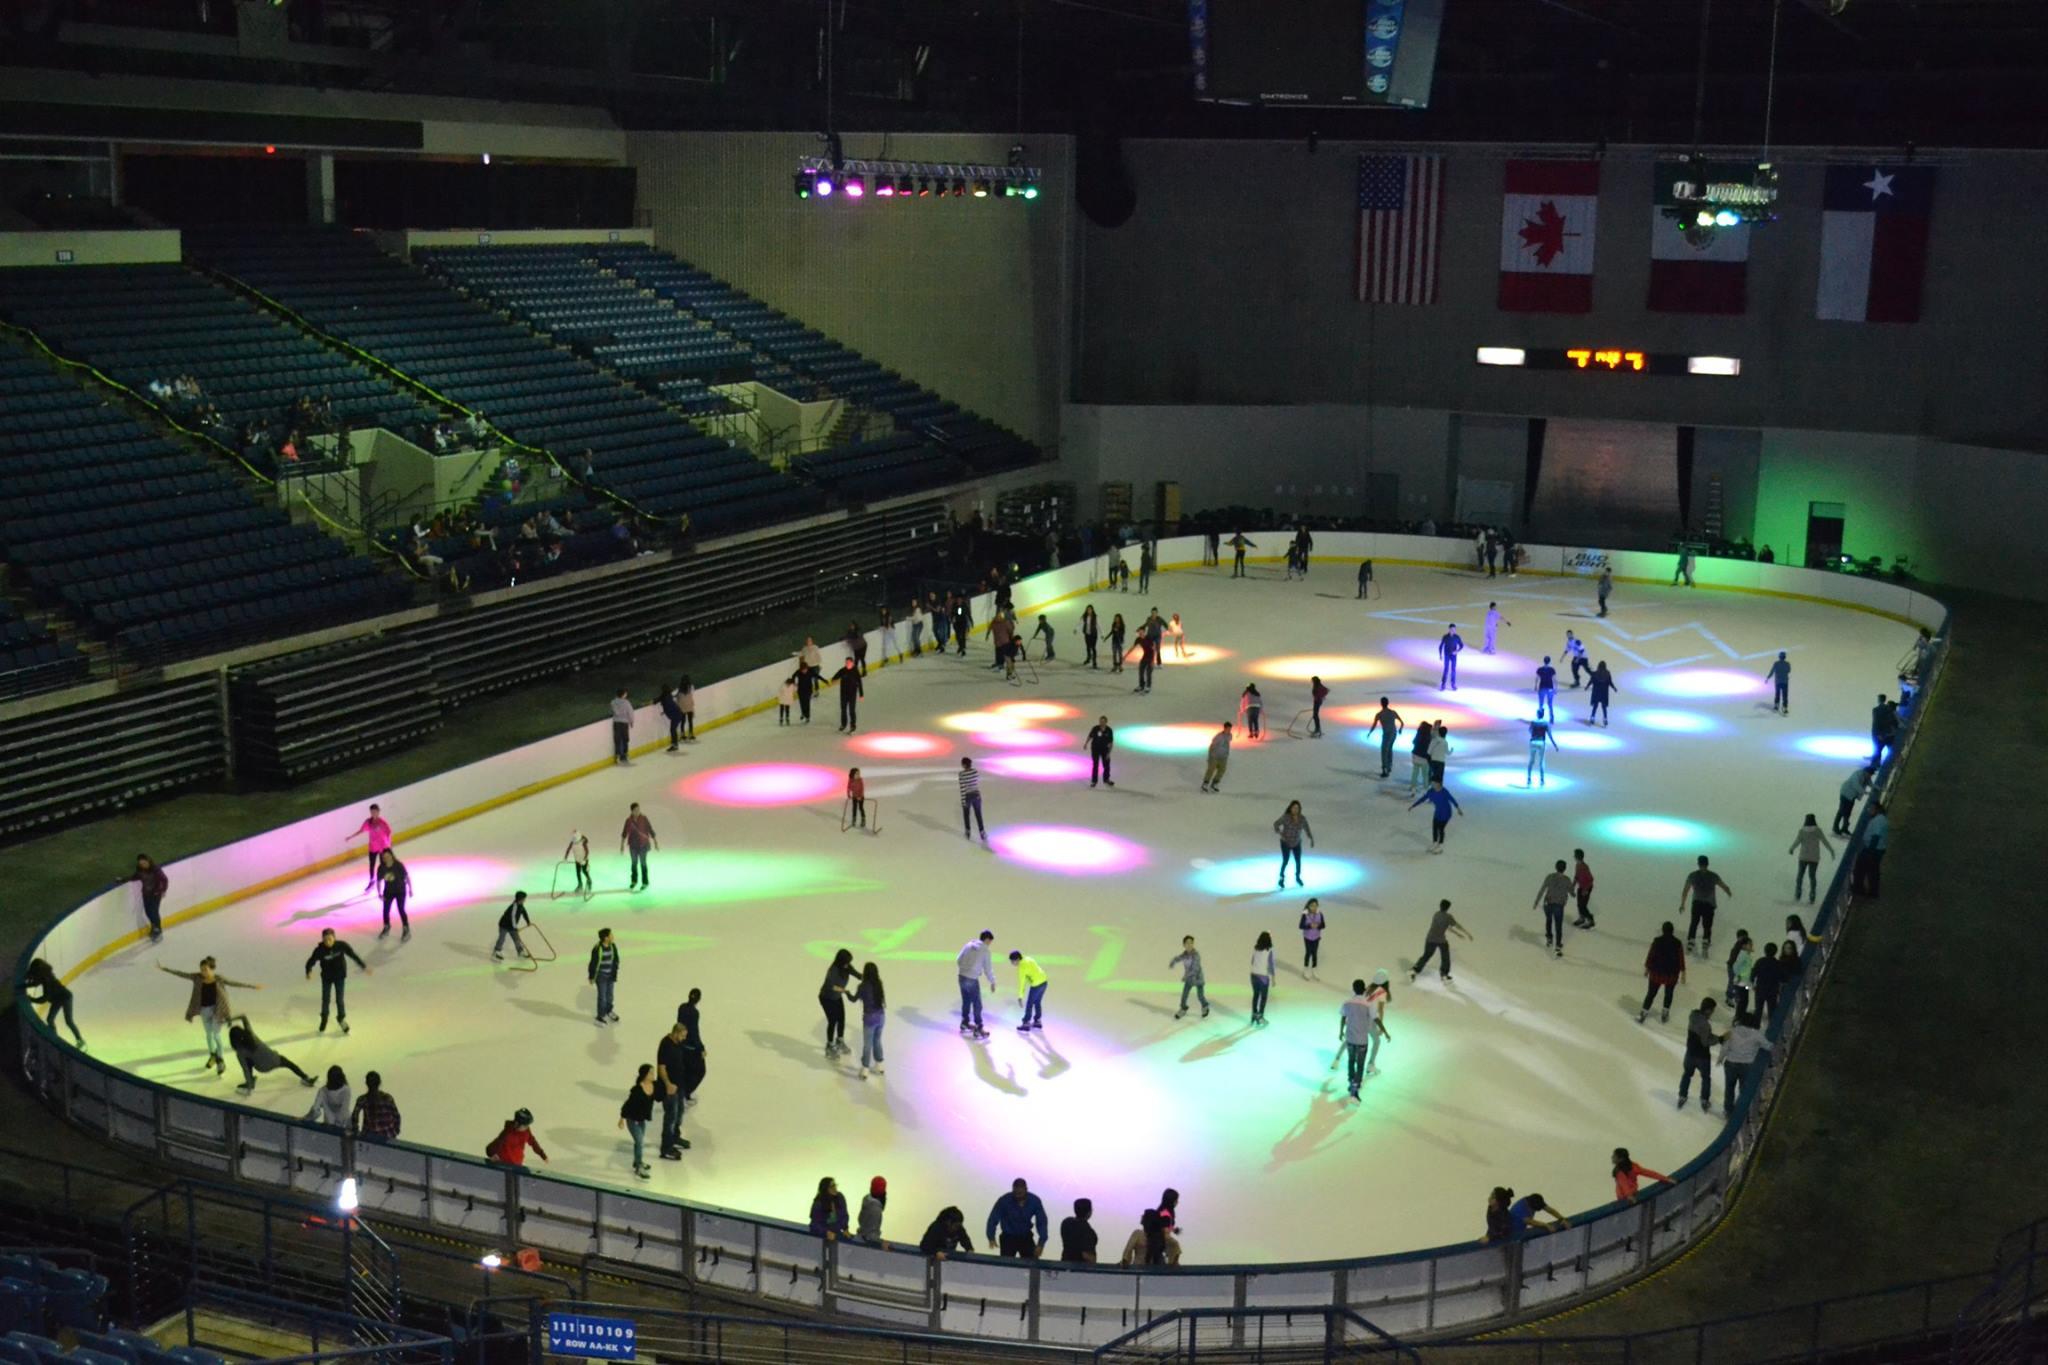 Andadores de patinaje sobre hielo para adultos for Pistas de patinaje sobre ruedas en madrid